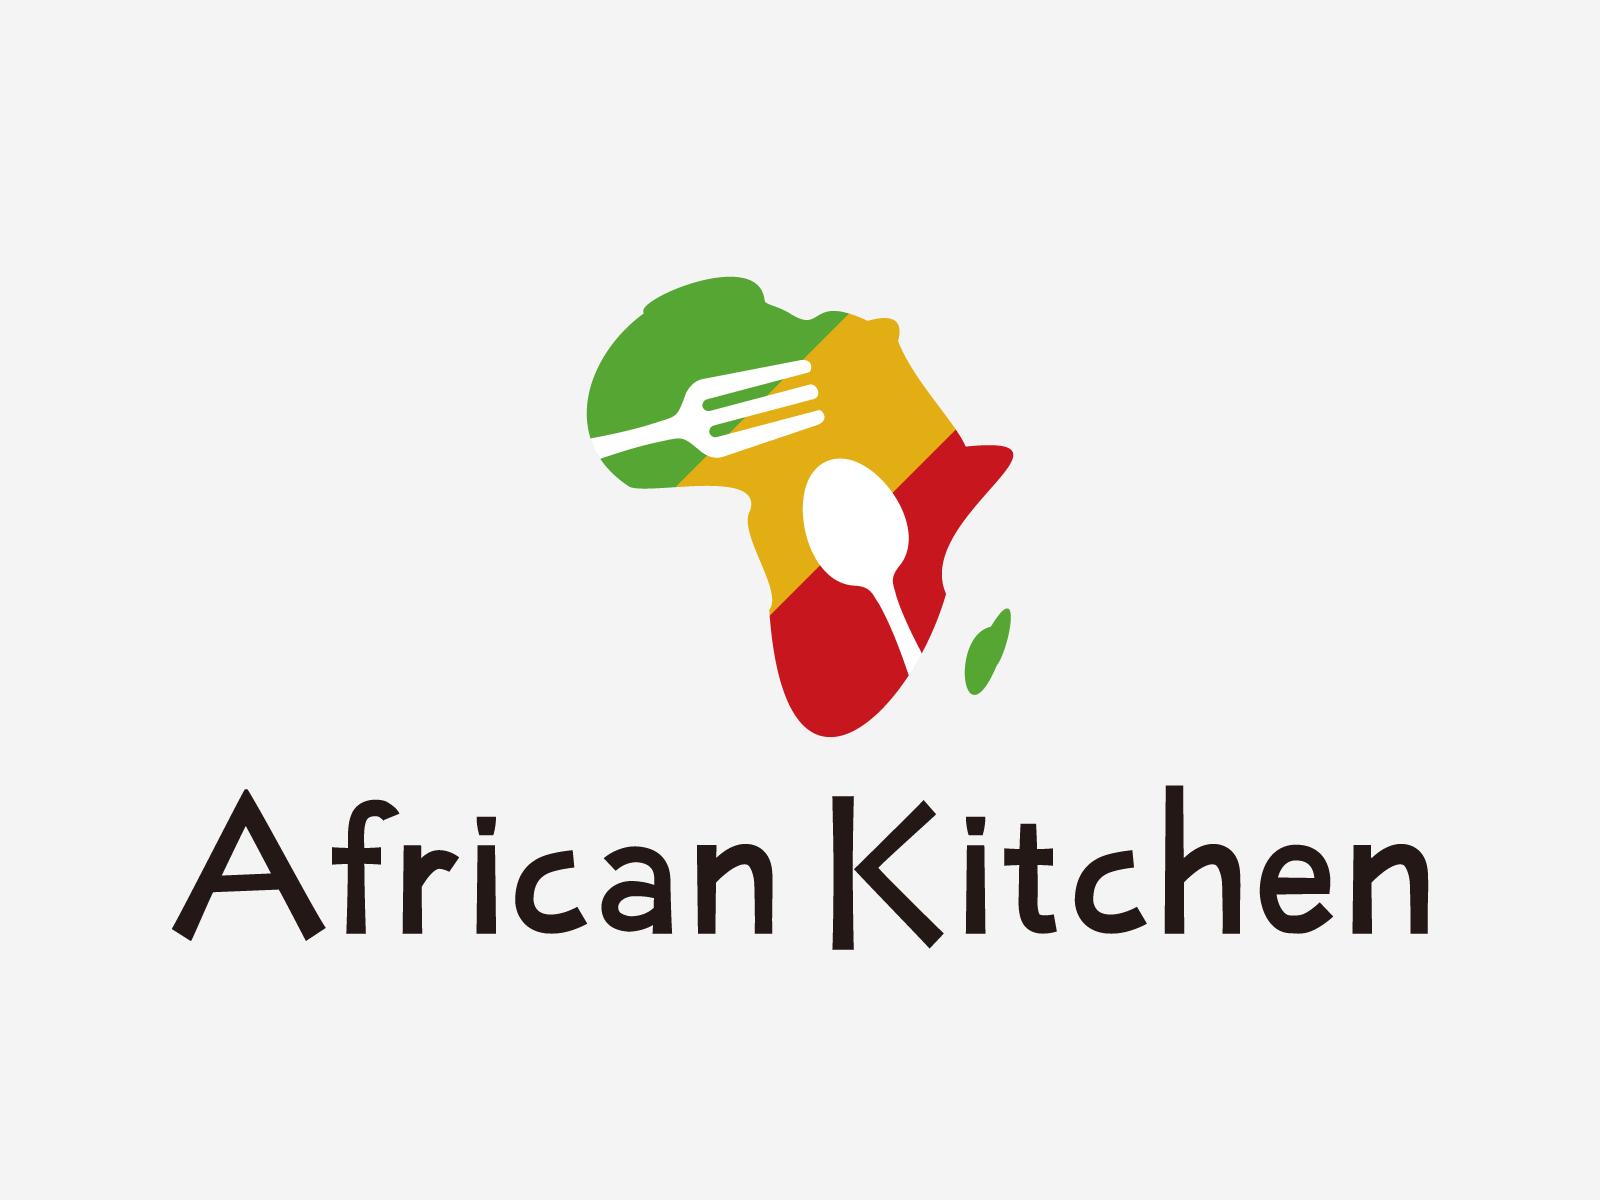 「African Kitchen(アフリカンキッチン)」ロゴデザイン